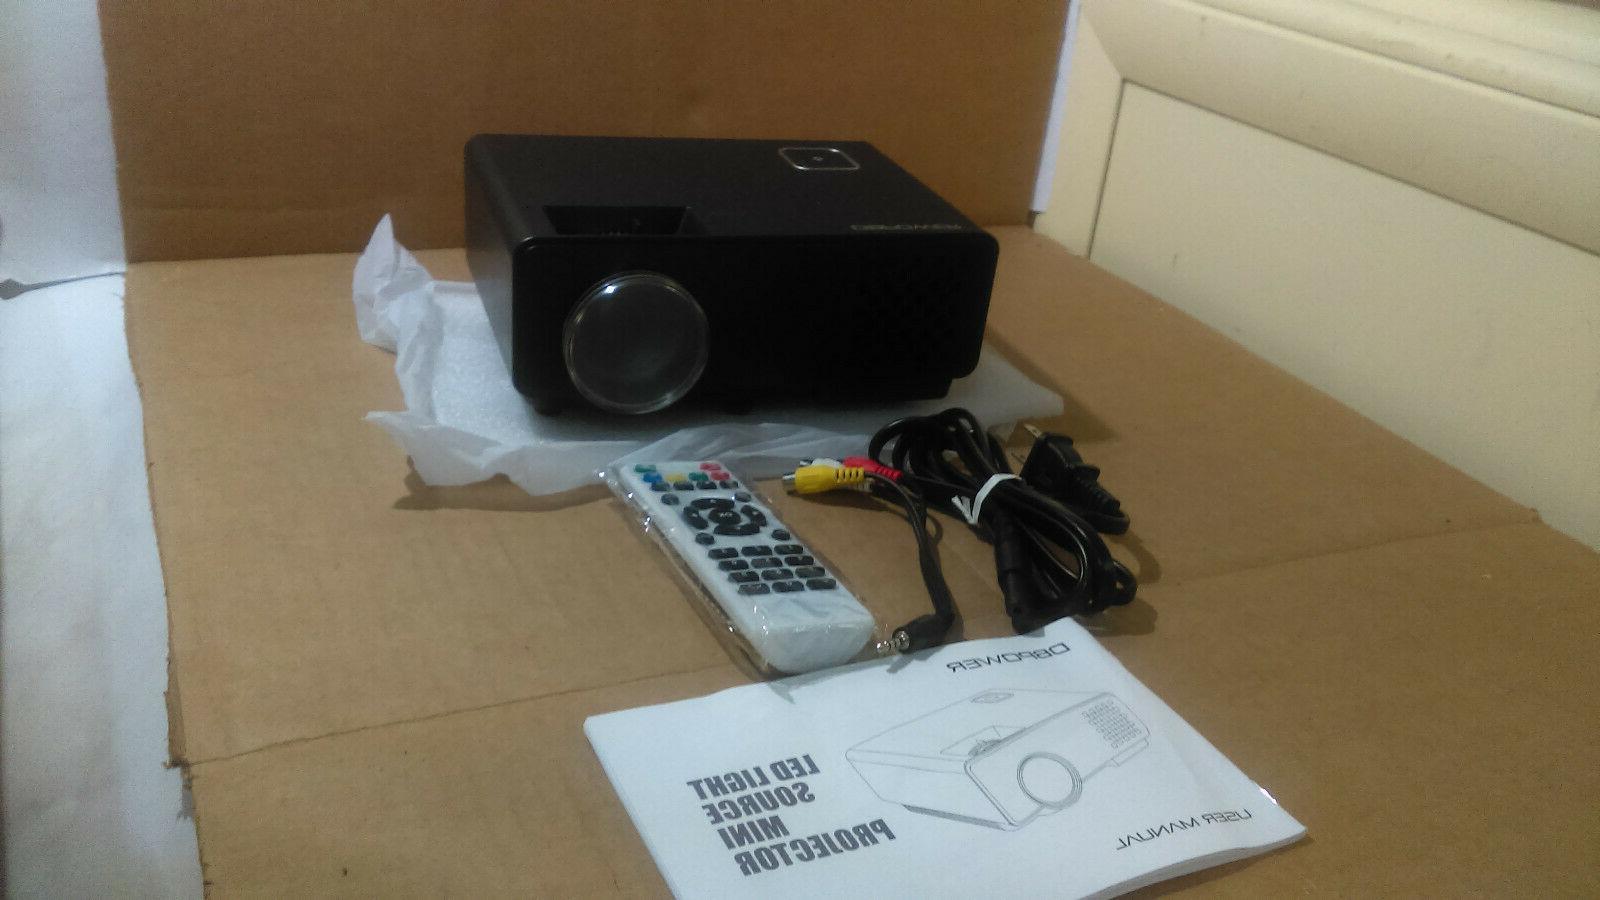 rd 810 mini projector black arbk4